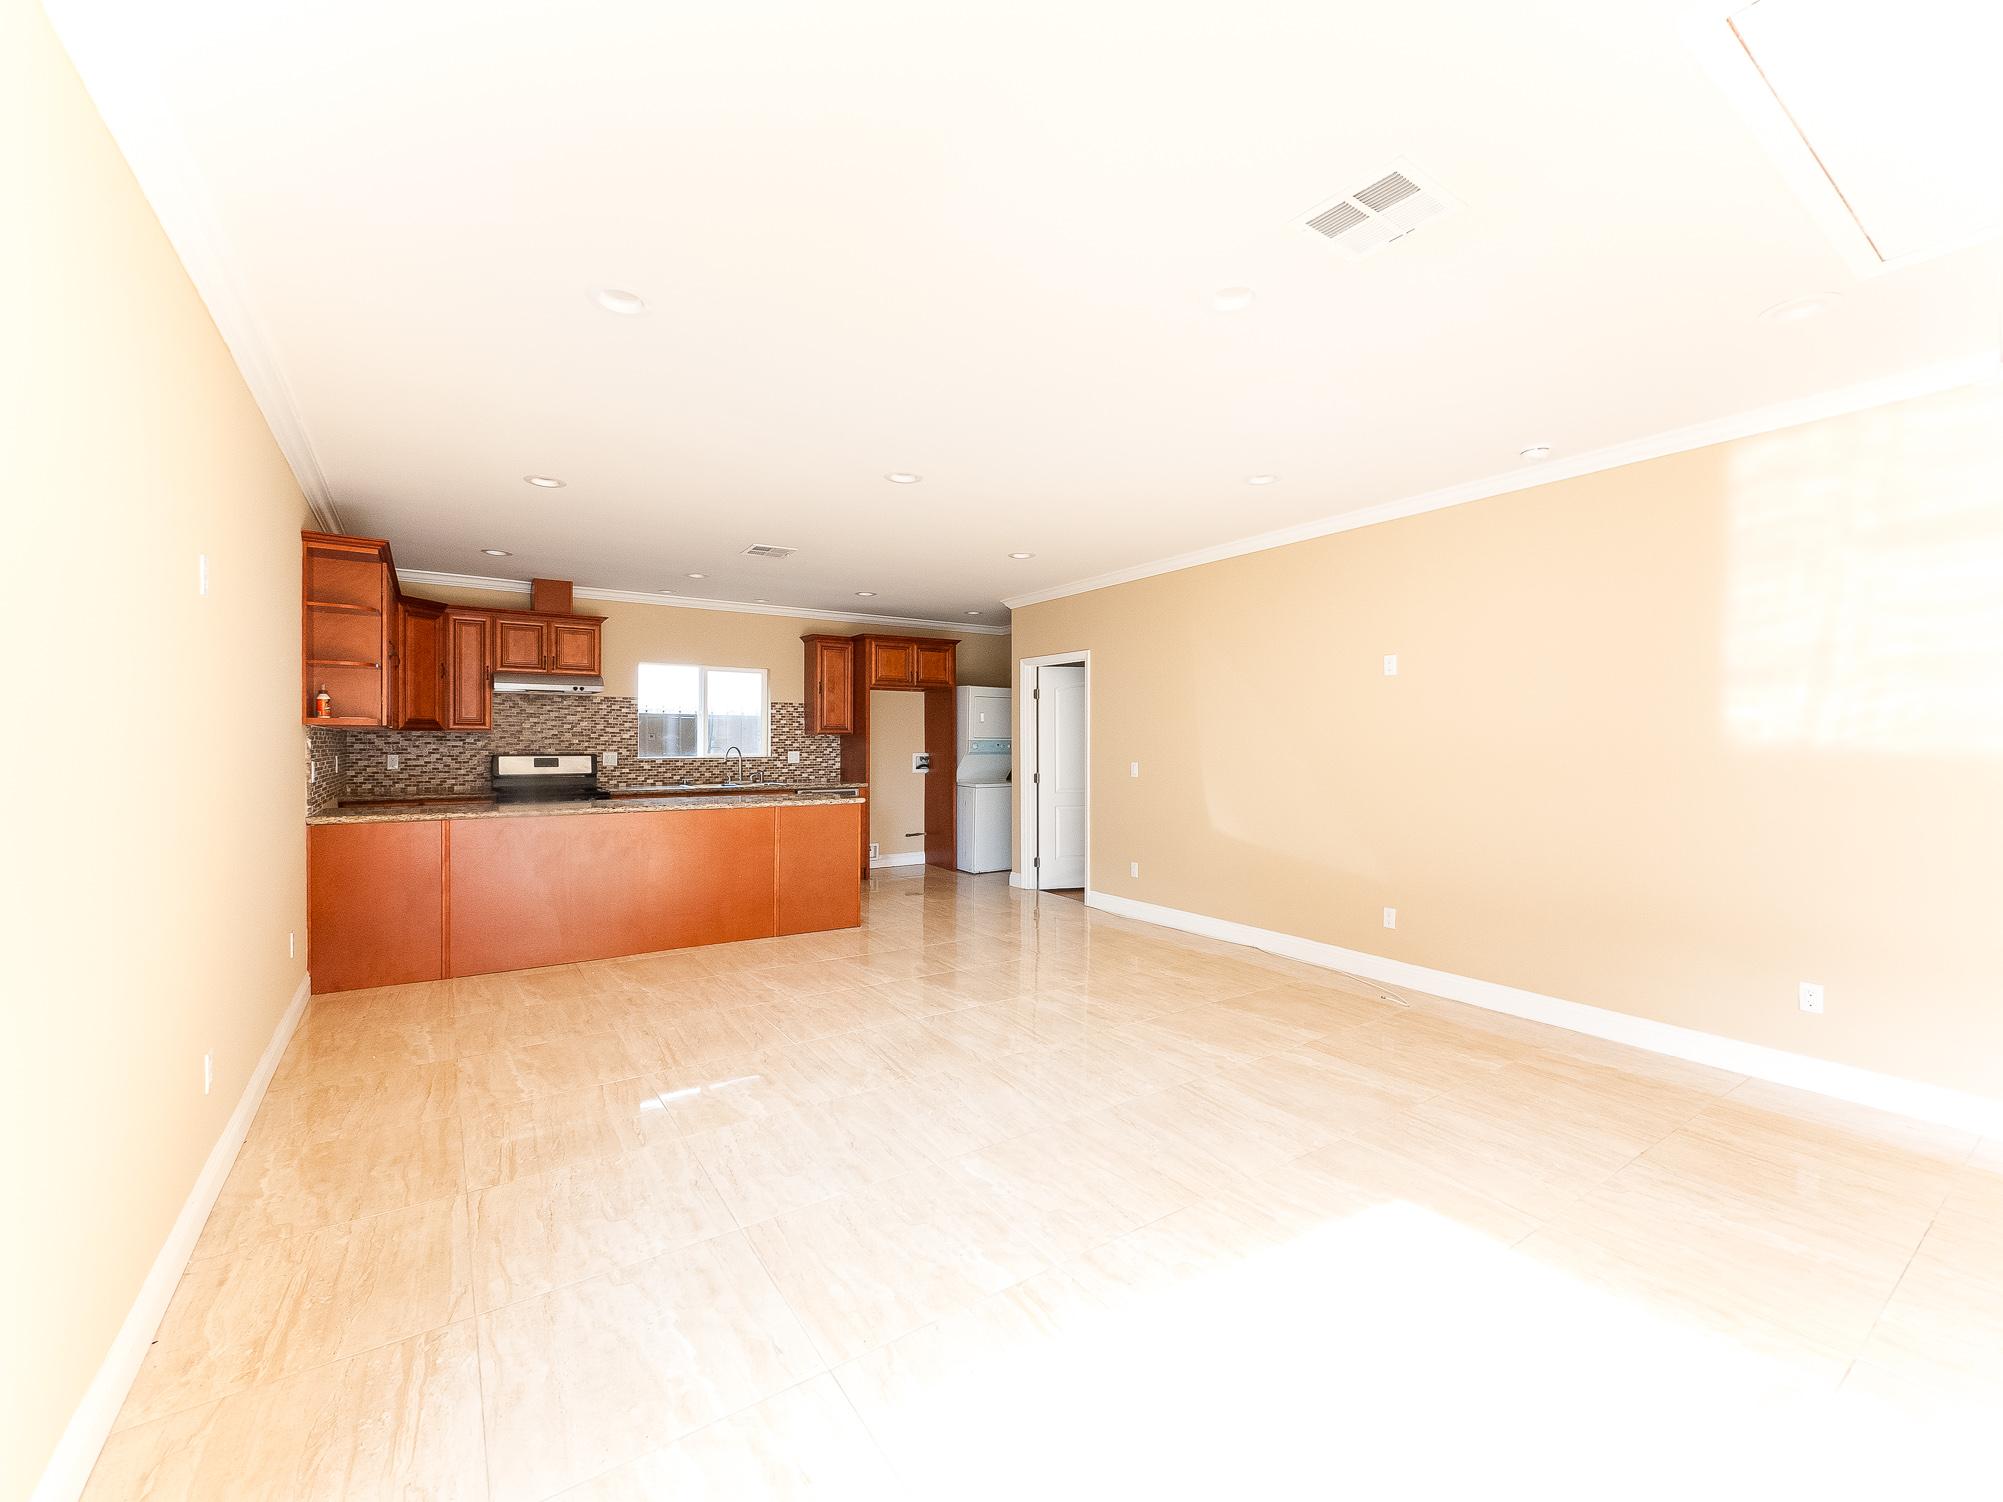 Remodeled Freestanding Home| 3 Bed\3Bath Triple Master Suite! | 2 Car Parking | Prime Los Feliz Location!